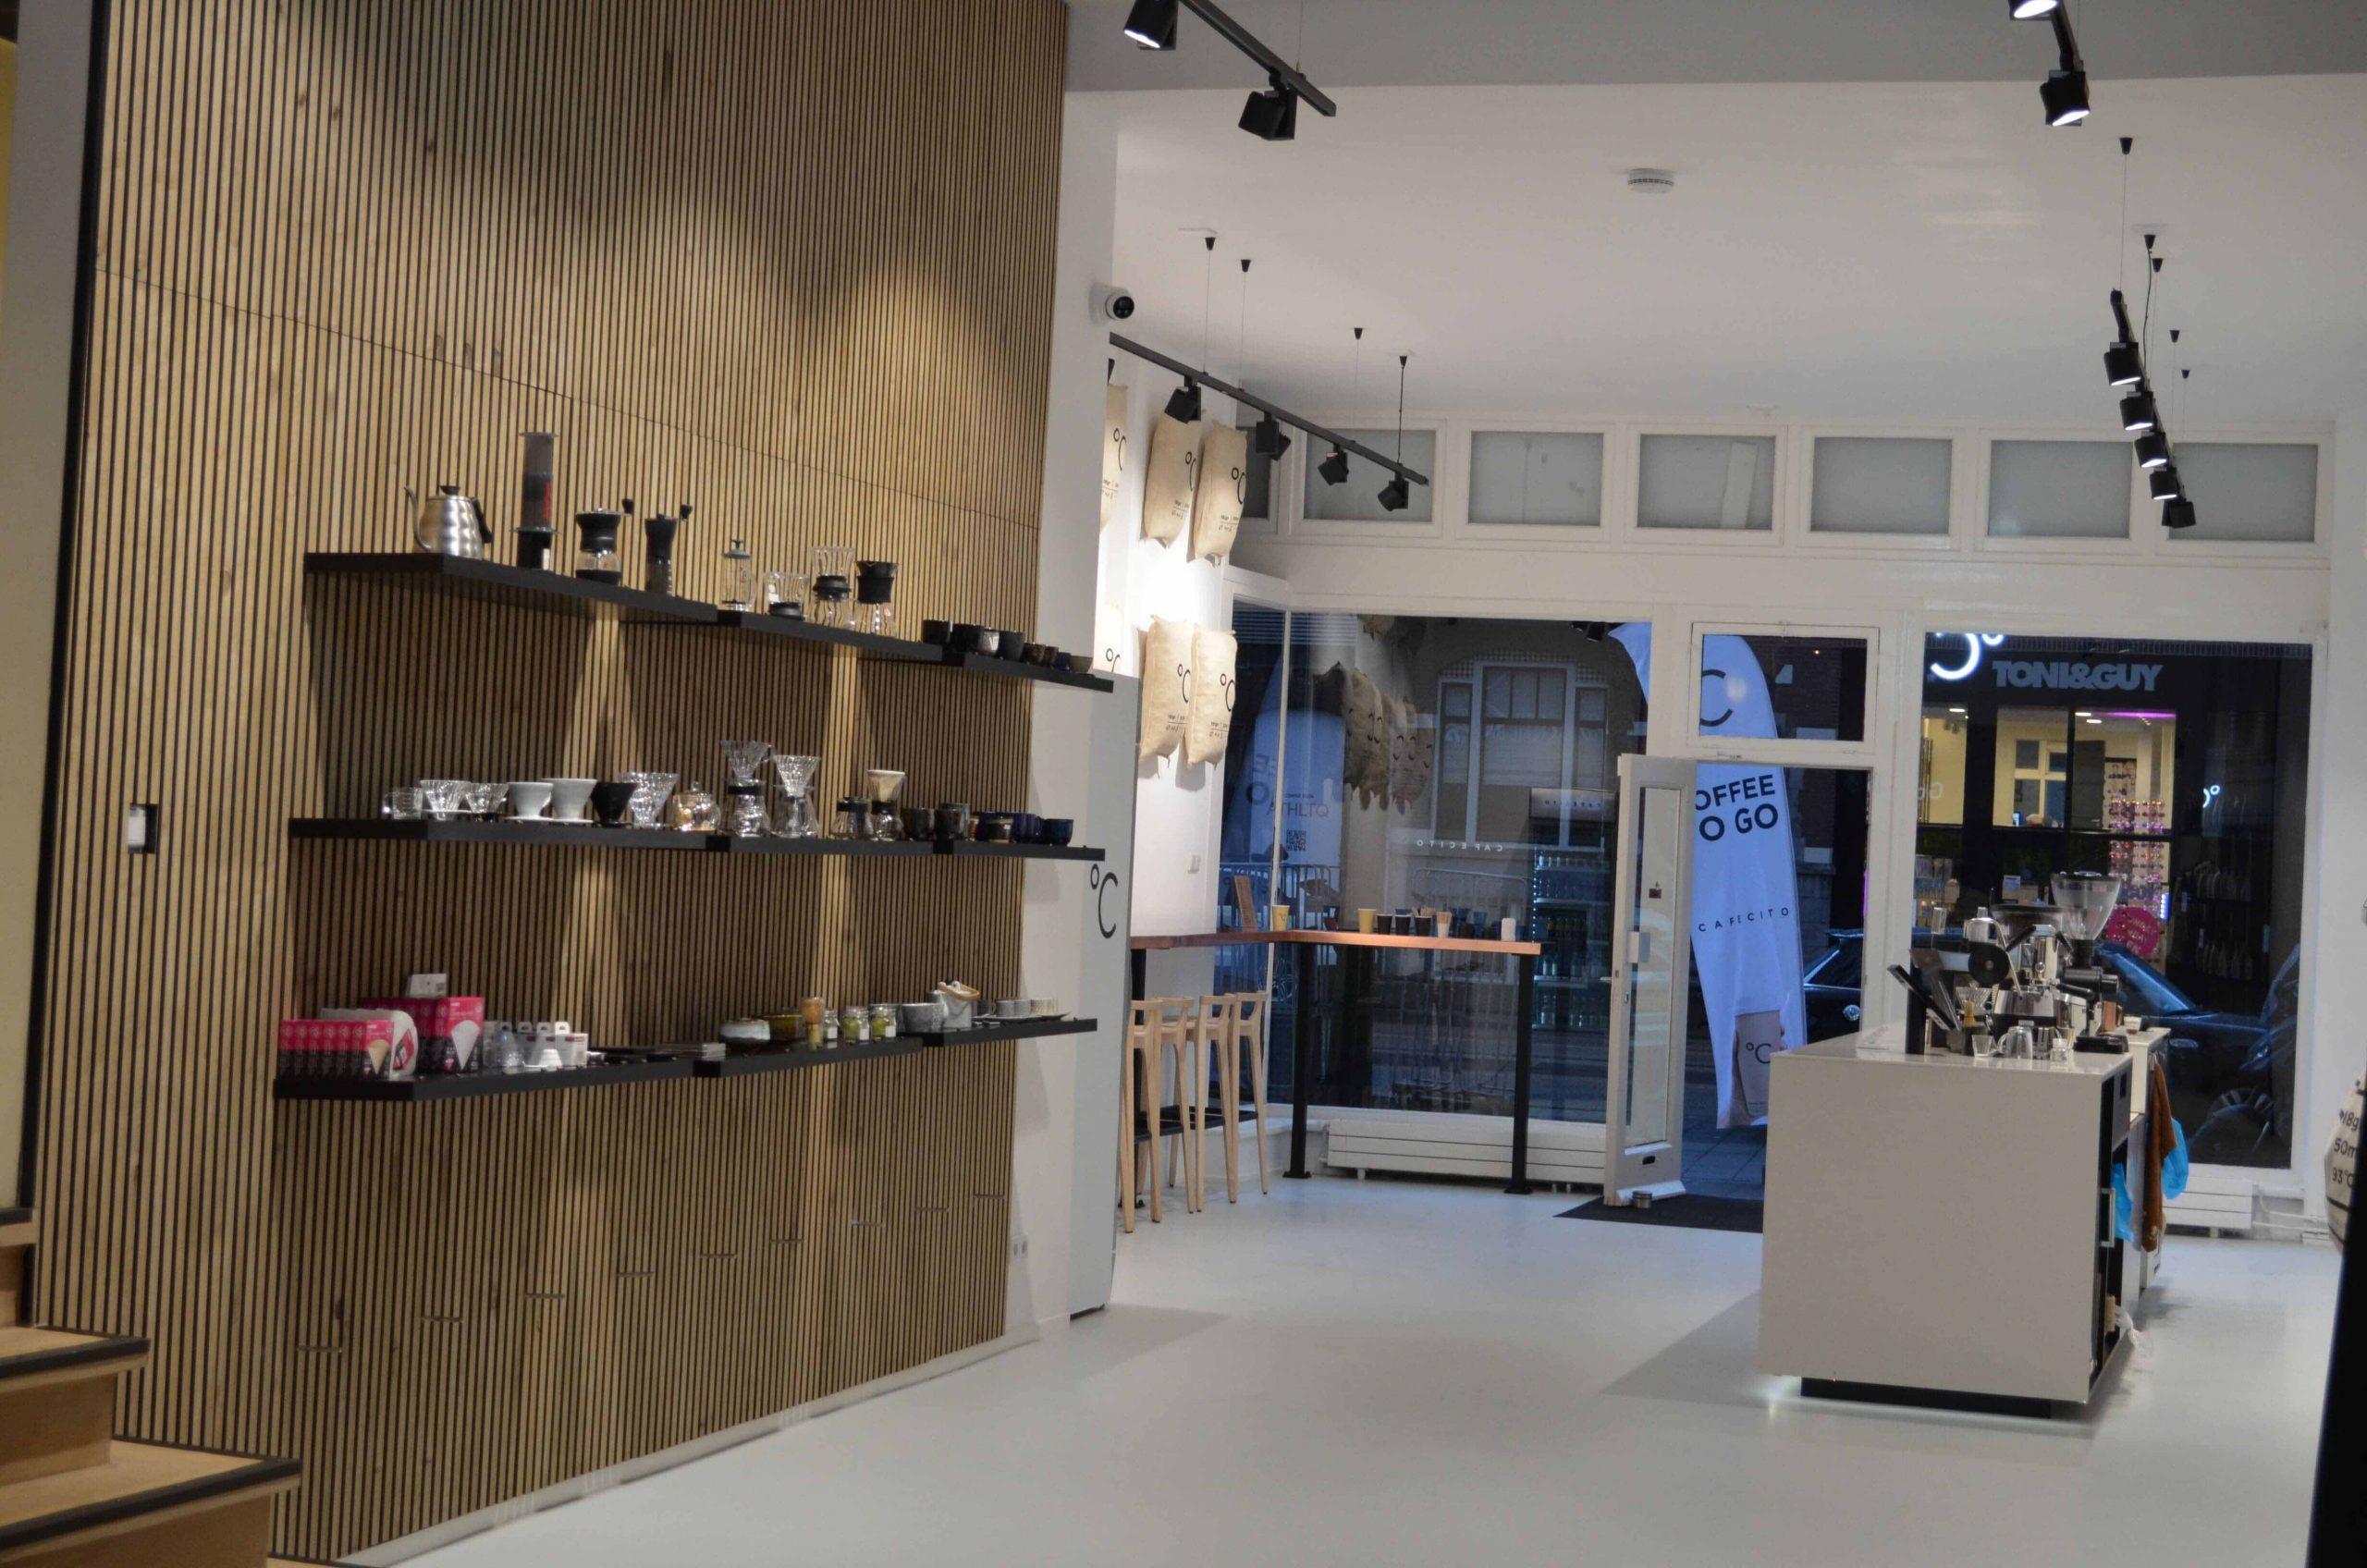 Koffiebar Amsterdam, binnenkant van de winkel met een uitzicht van de uitgang, producten en de bar